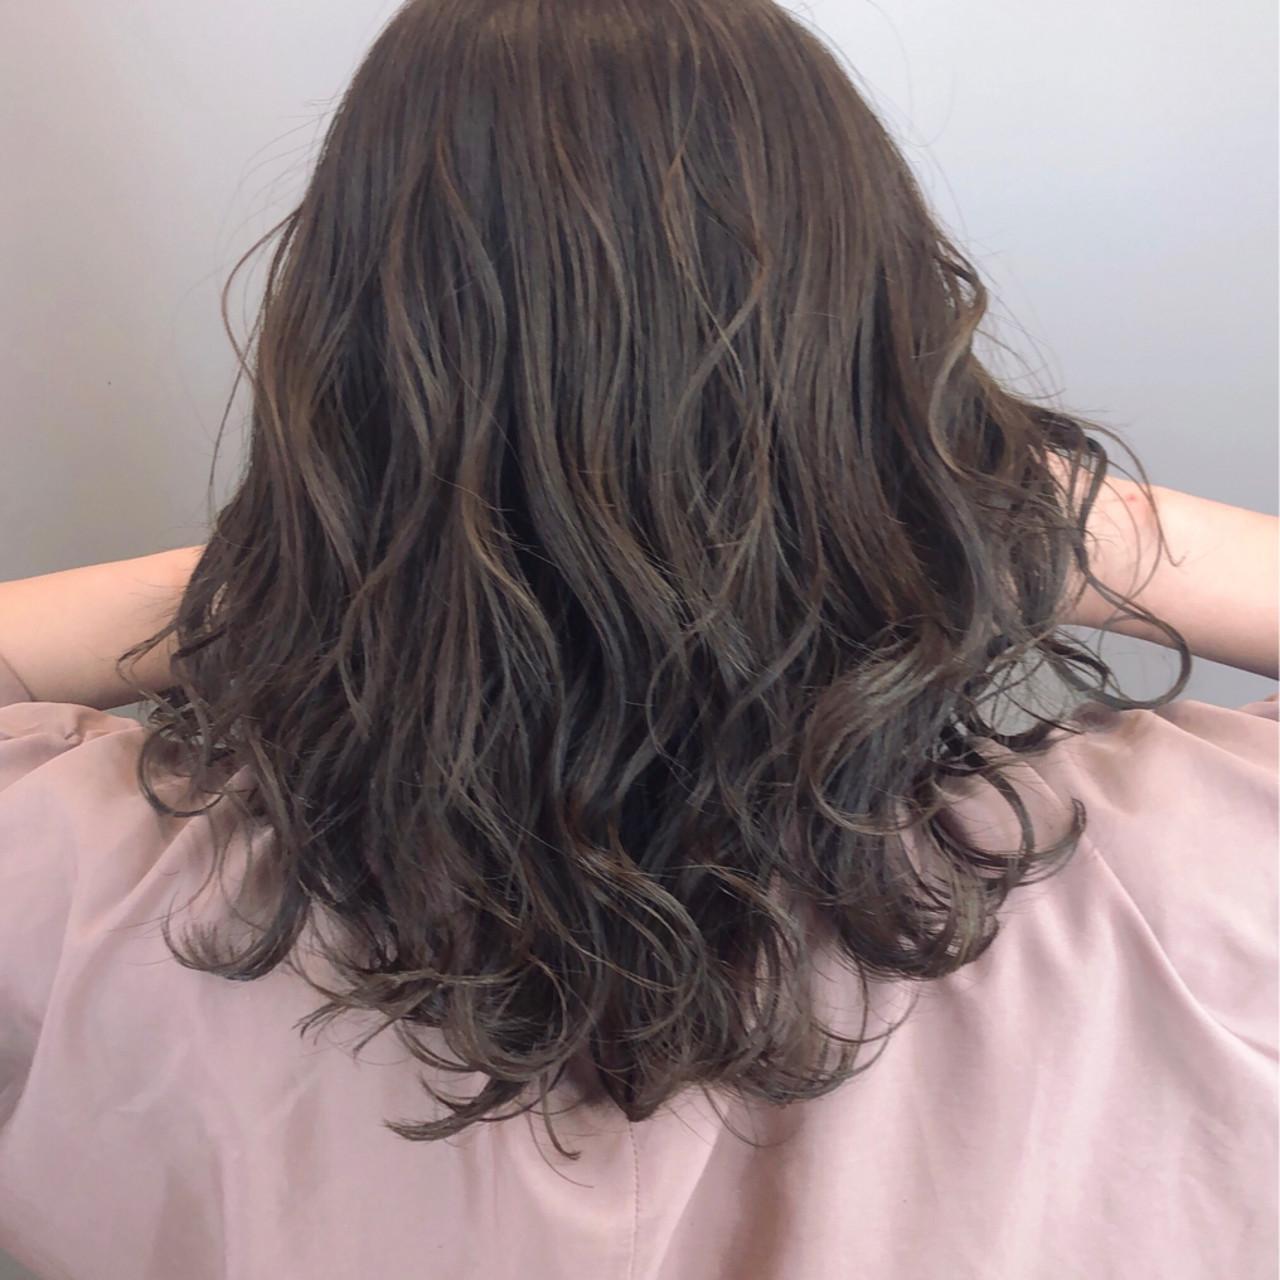 透明感 パーマ 大人可愛い 大人女子ヘアスタイルや髪型の写真・画像